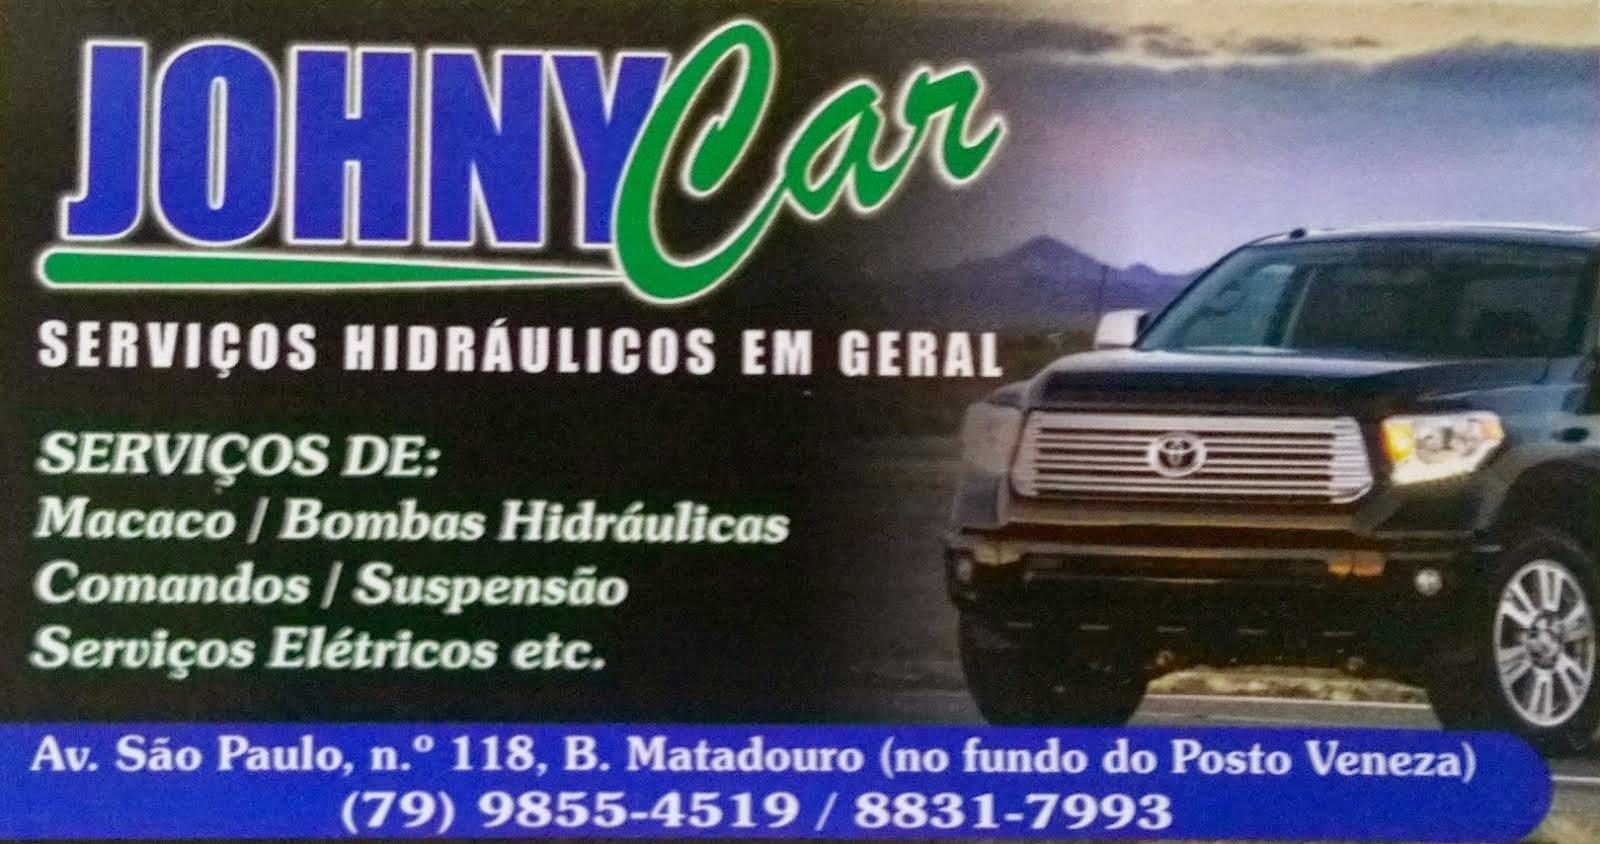 JOHNY CAR - ARACAJU